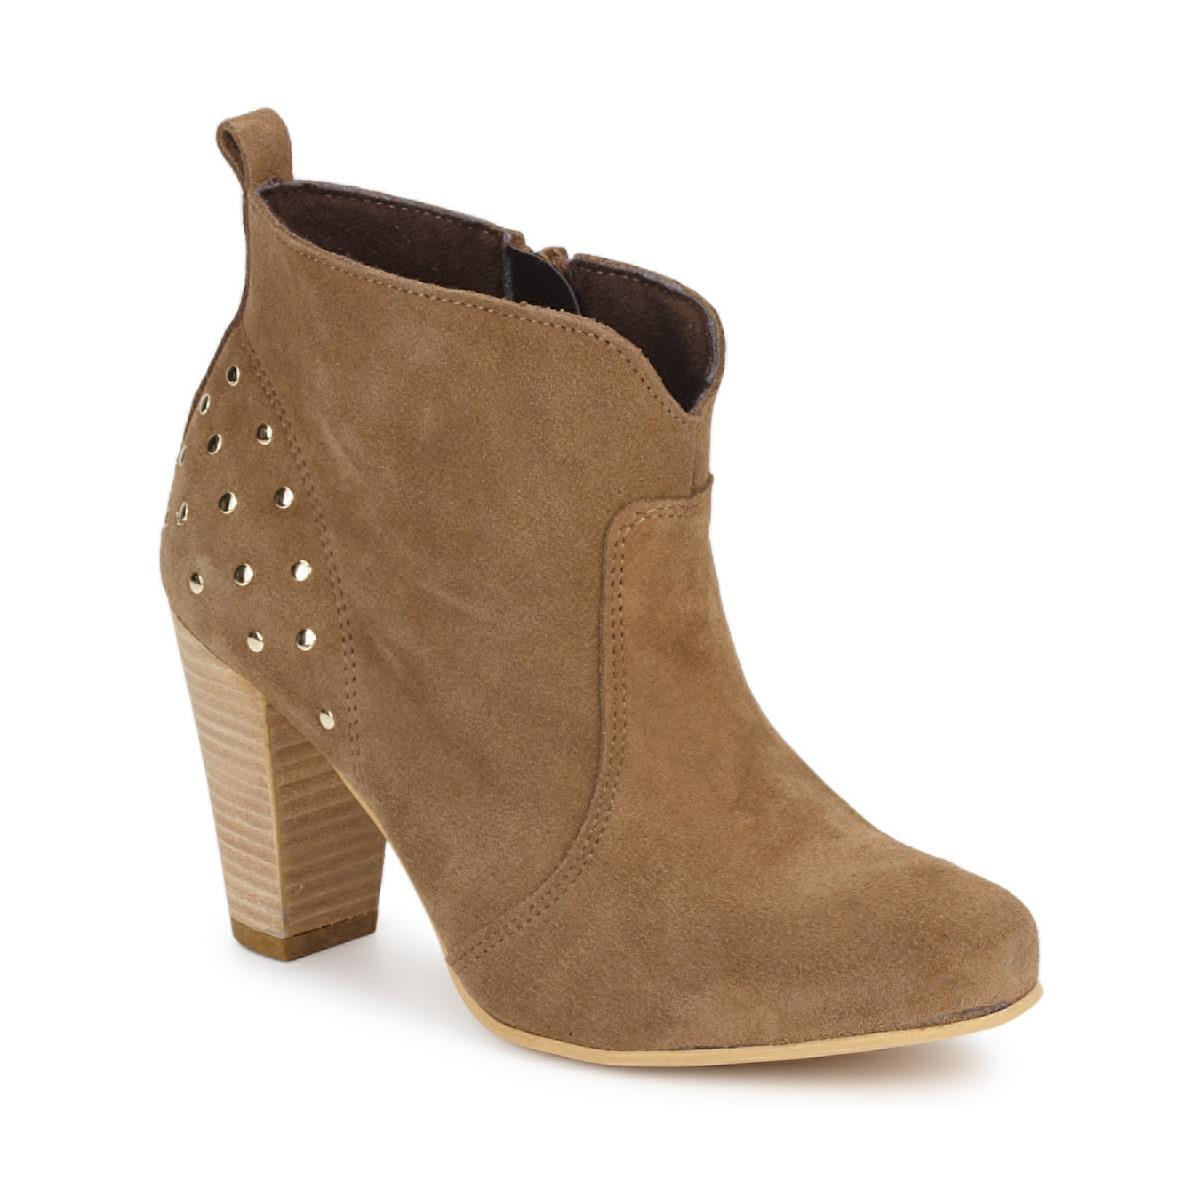 Botines Betty London ERTUNE Topotea - Entrega gratuita con Spartoo.es ! - Zapatos Mujer 69,00 €